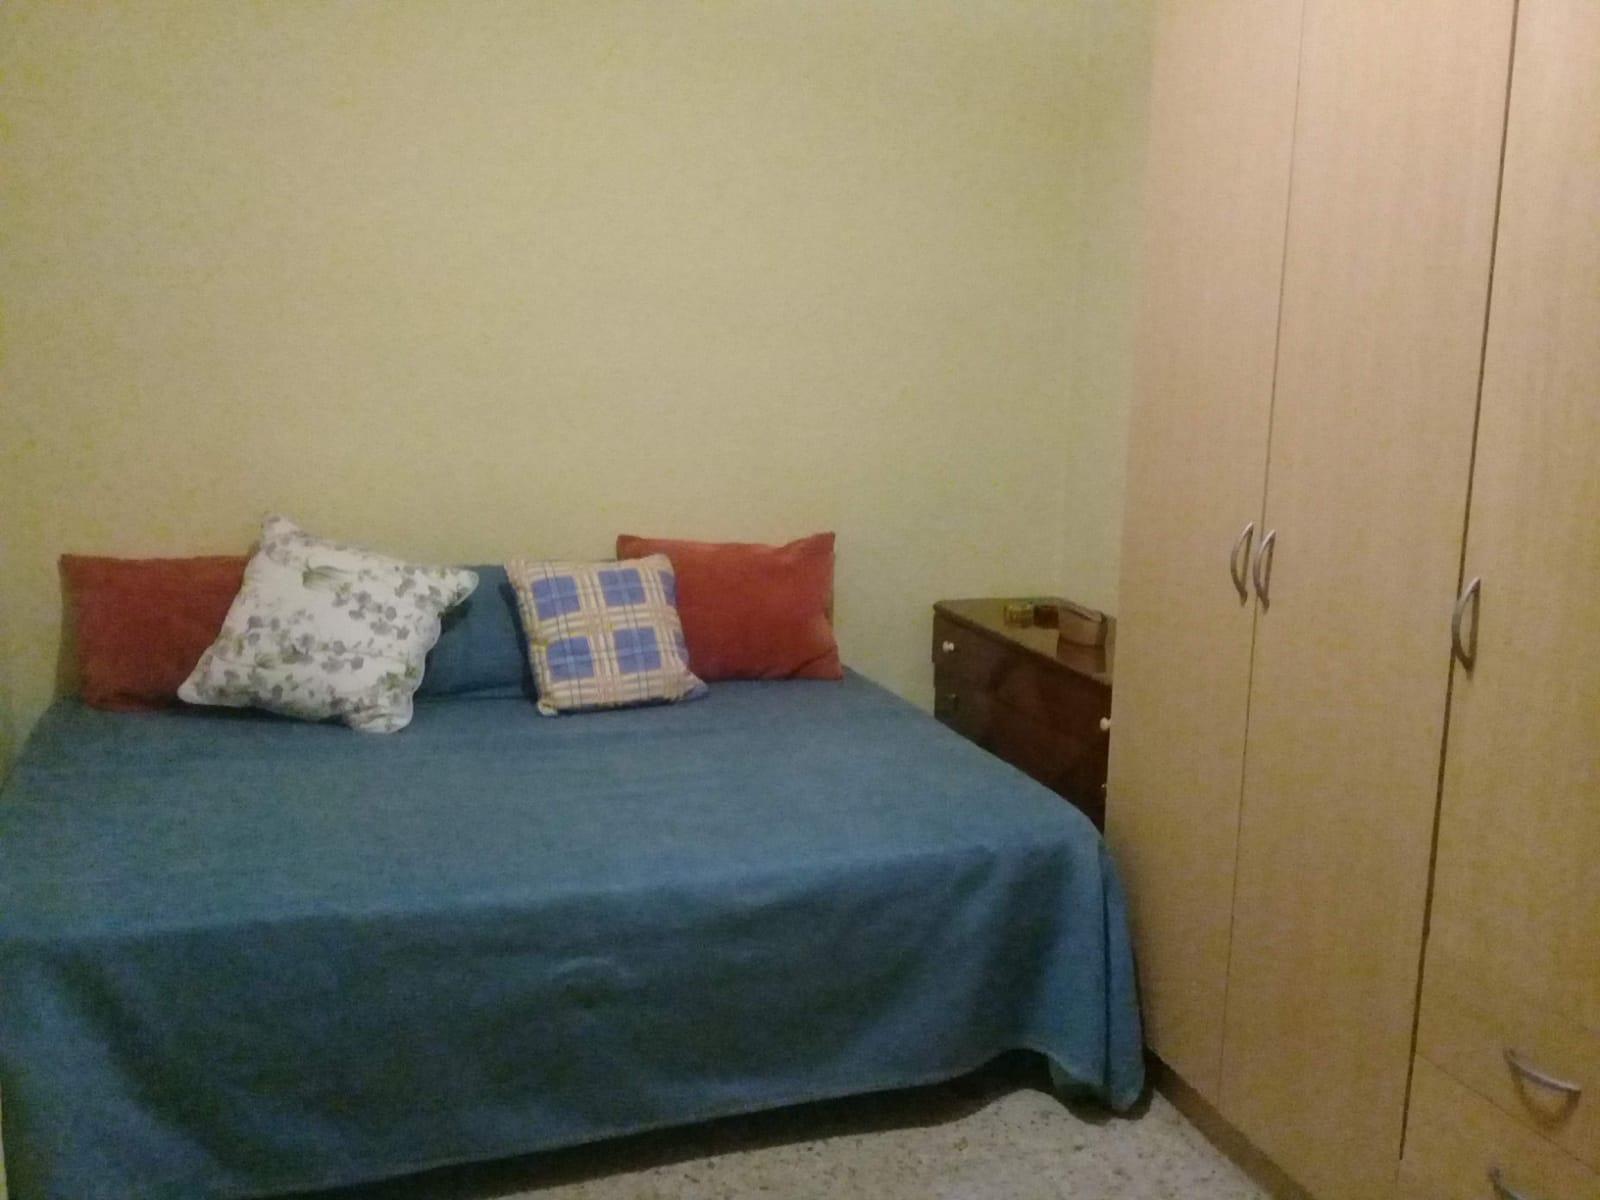 Habitación Alexandra, inmigrante colombiana que pasó el confinamiento en su habitación en un piso compartido